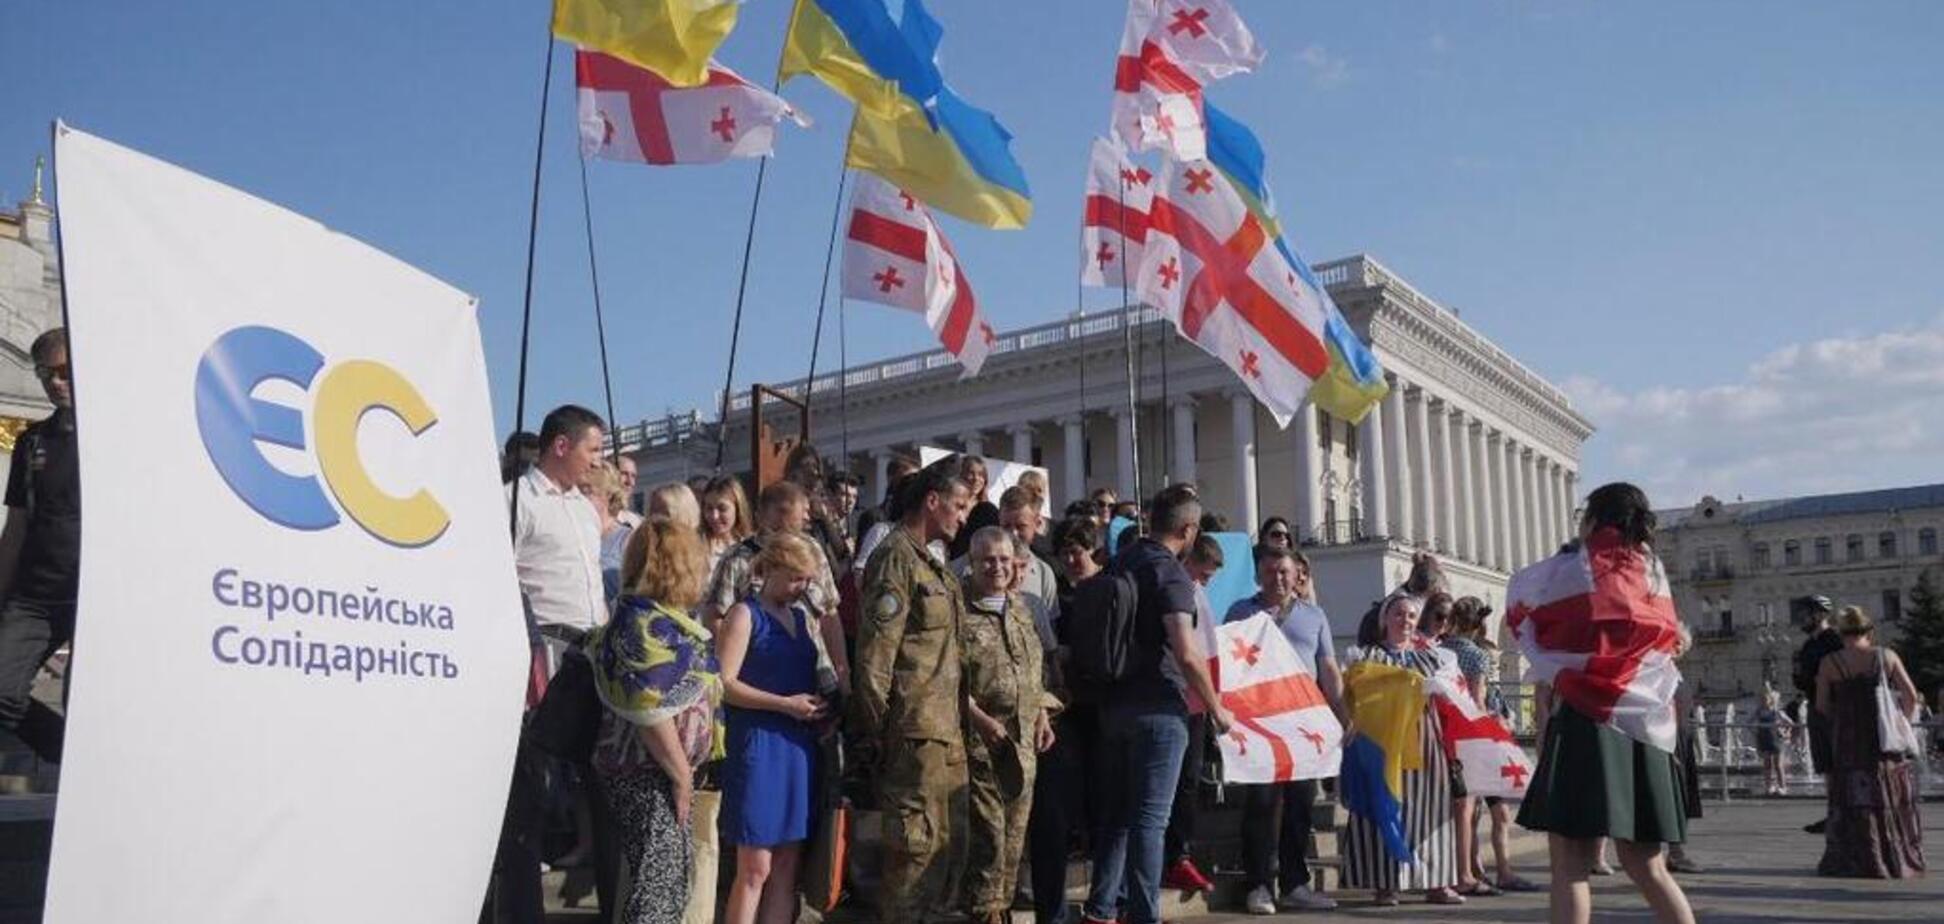 Акція 'ЄС' на Майдані Незалежності